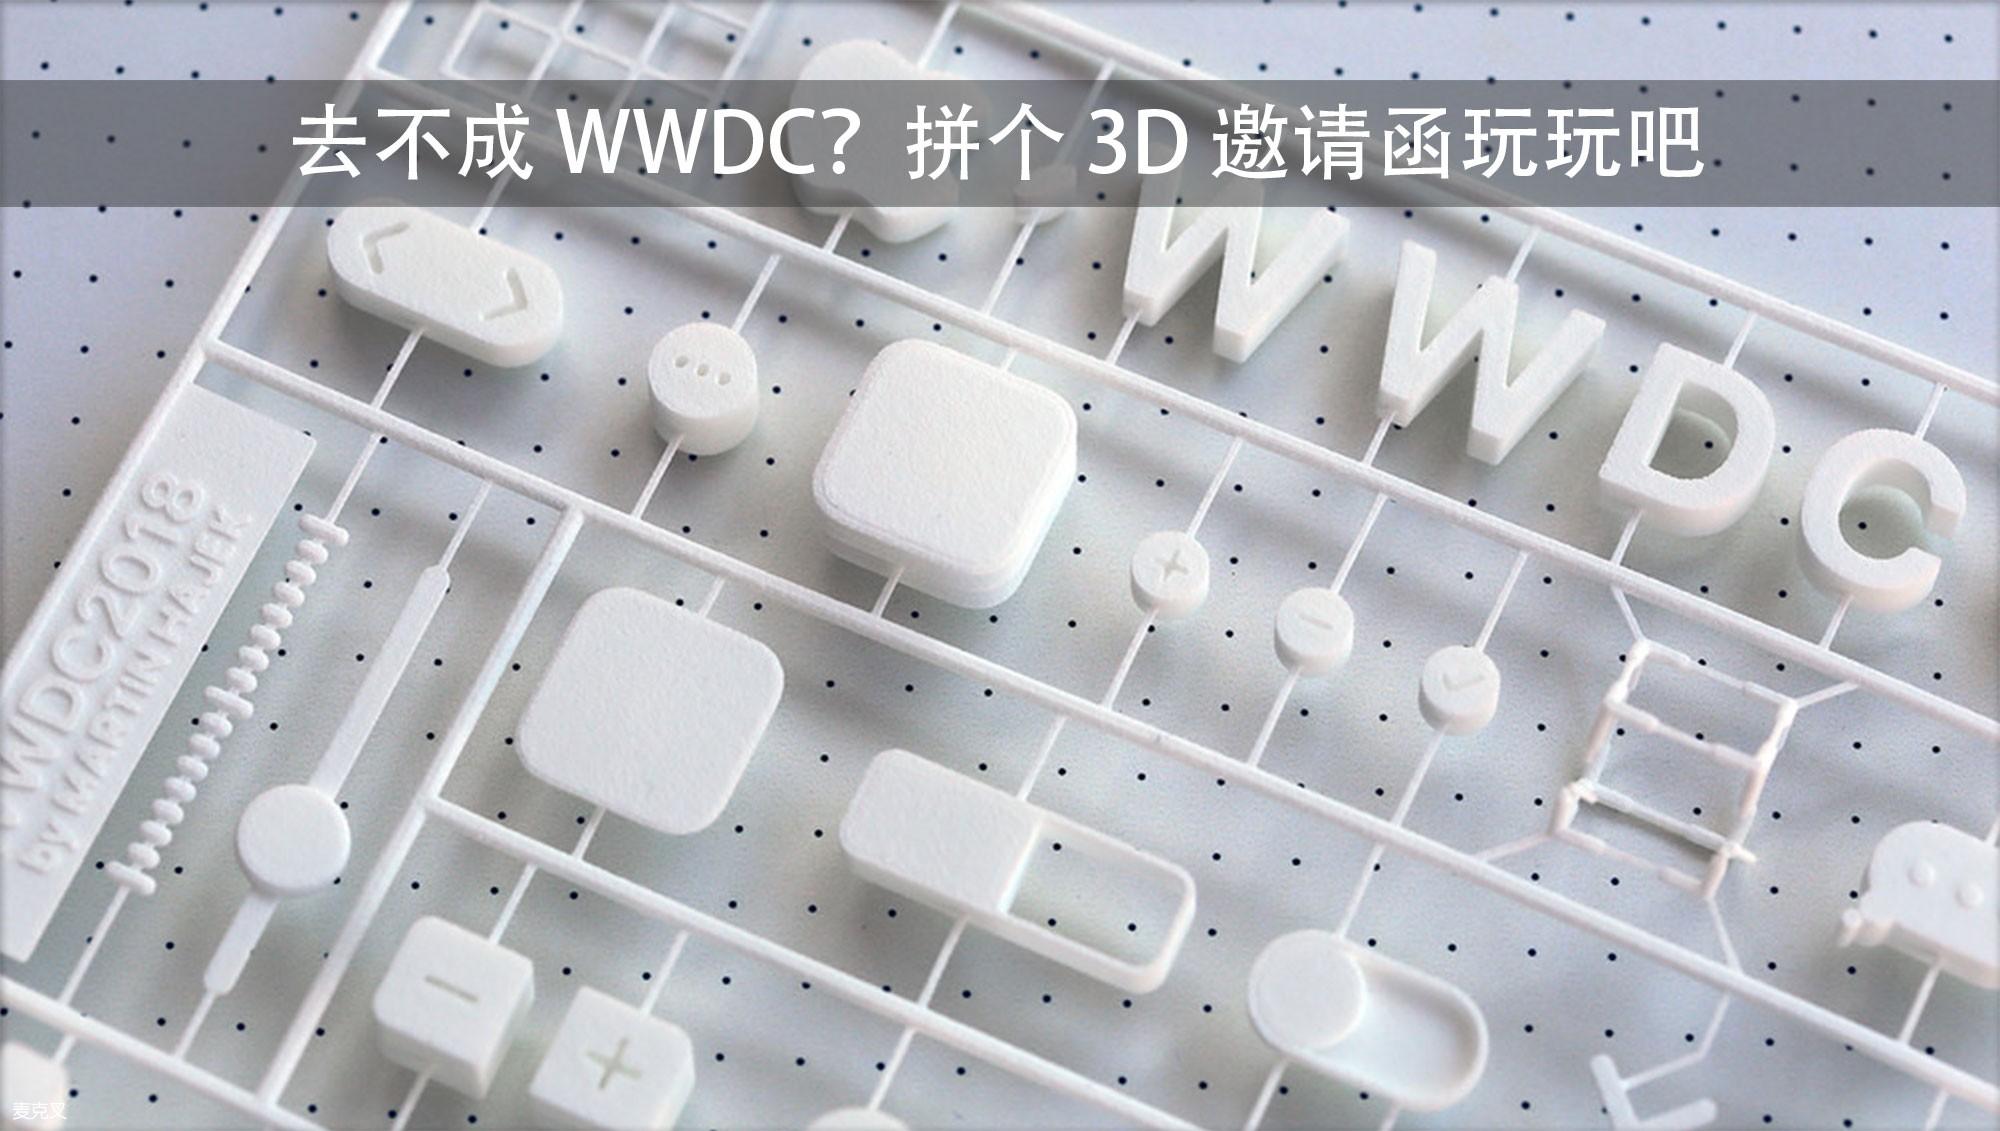 去不成 WWDC?拼个 3D 邀请函玩玩吧